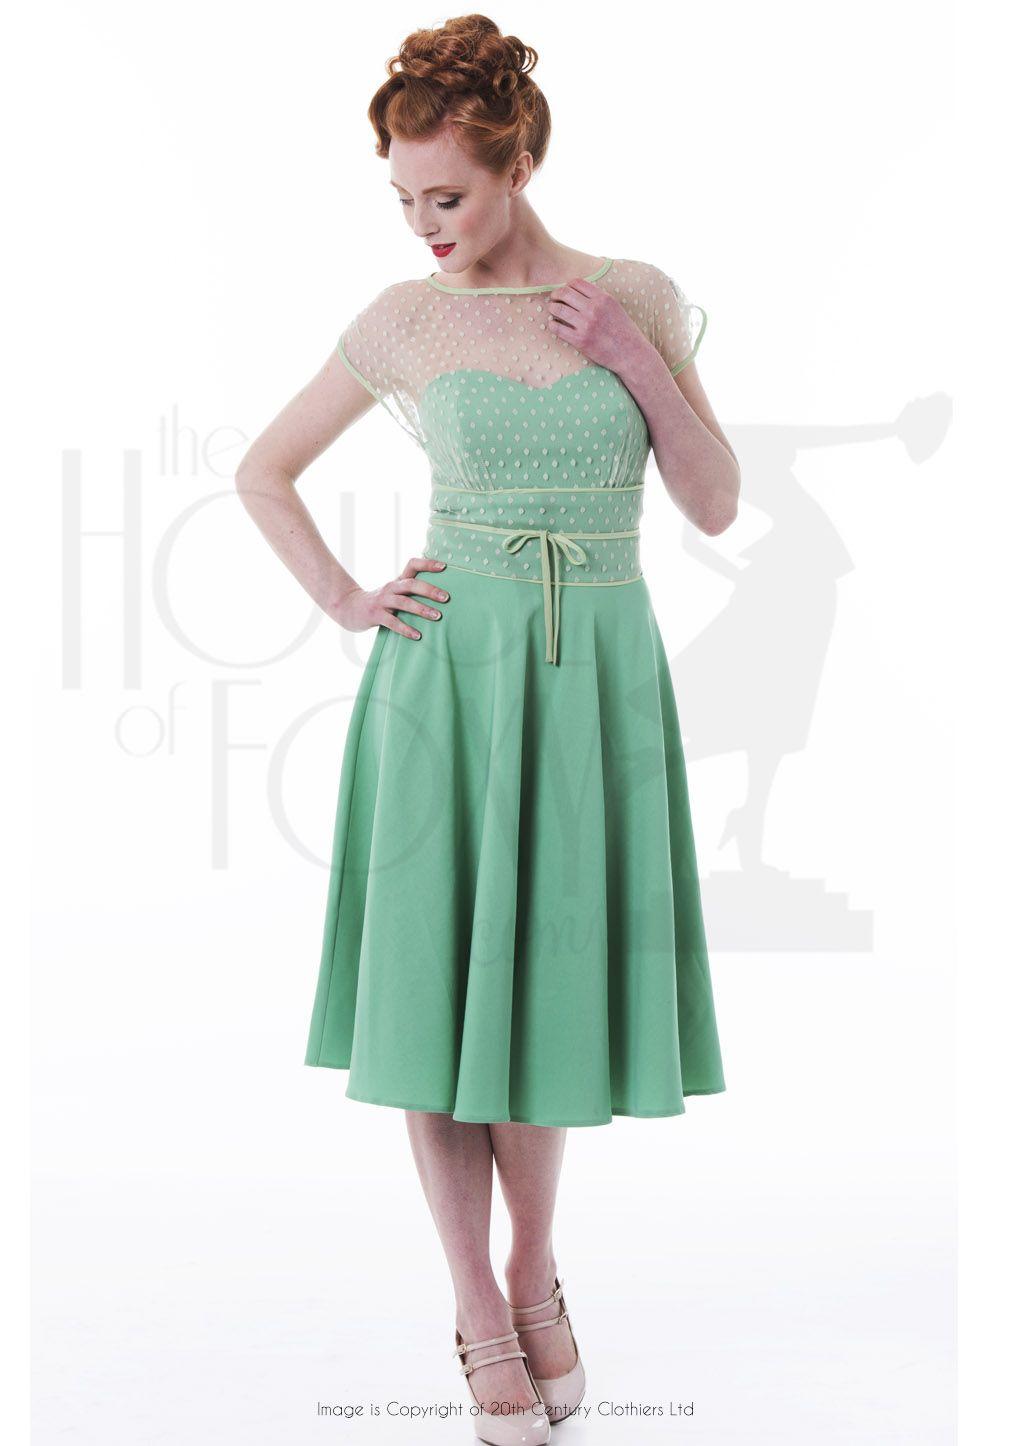 S gina prom dress mint drag ideas pinterest prom robe